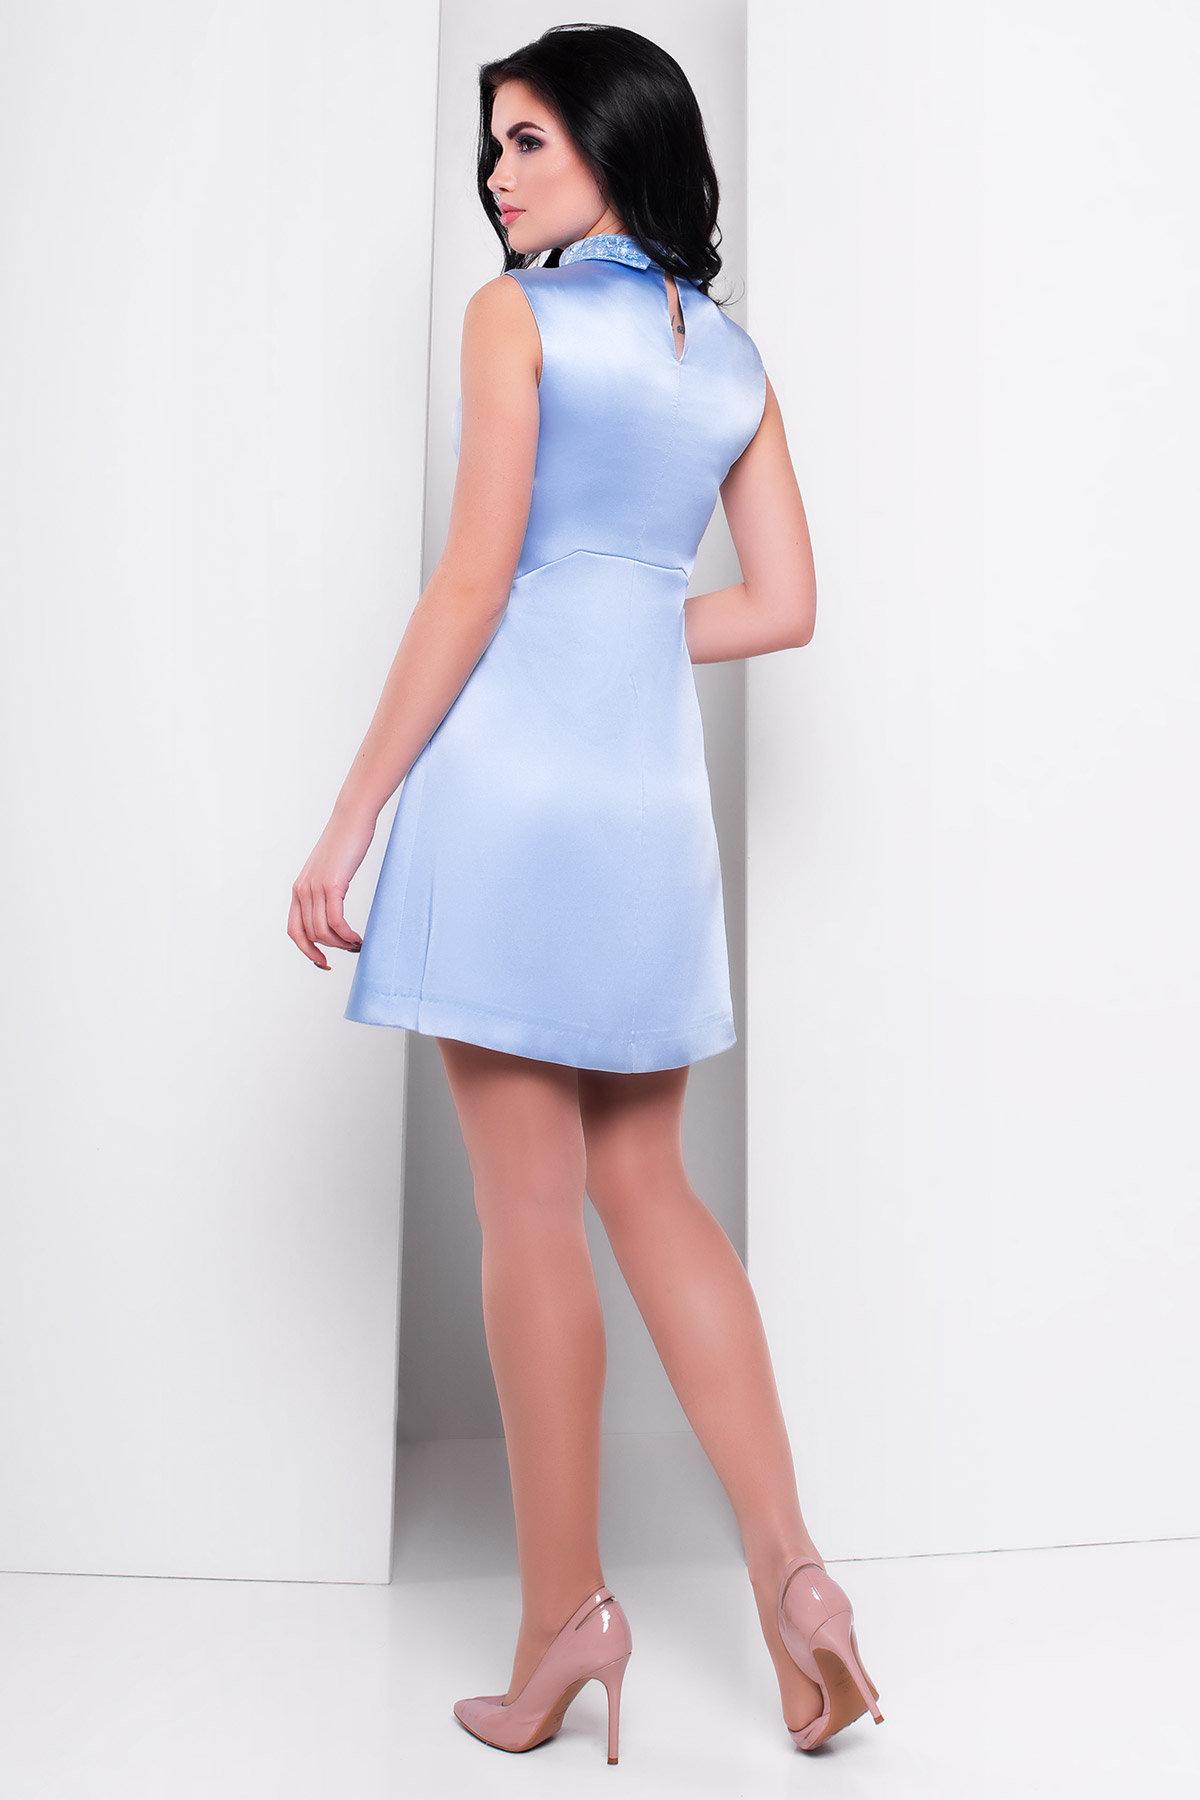 Платье Виндроуз 2919 АРТ. 15189 Цвет: Голубой - фото 2, интернет магазин tm-modus.ru